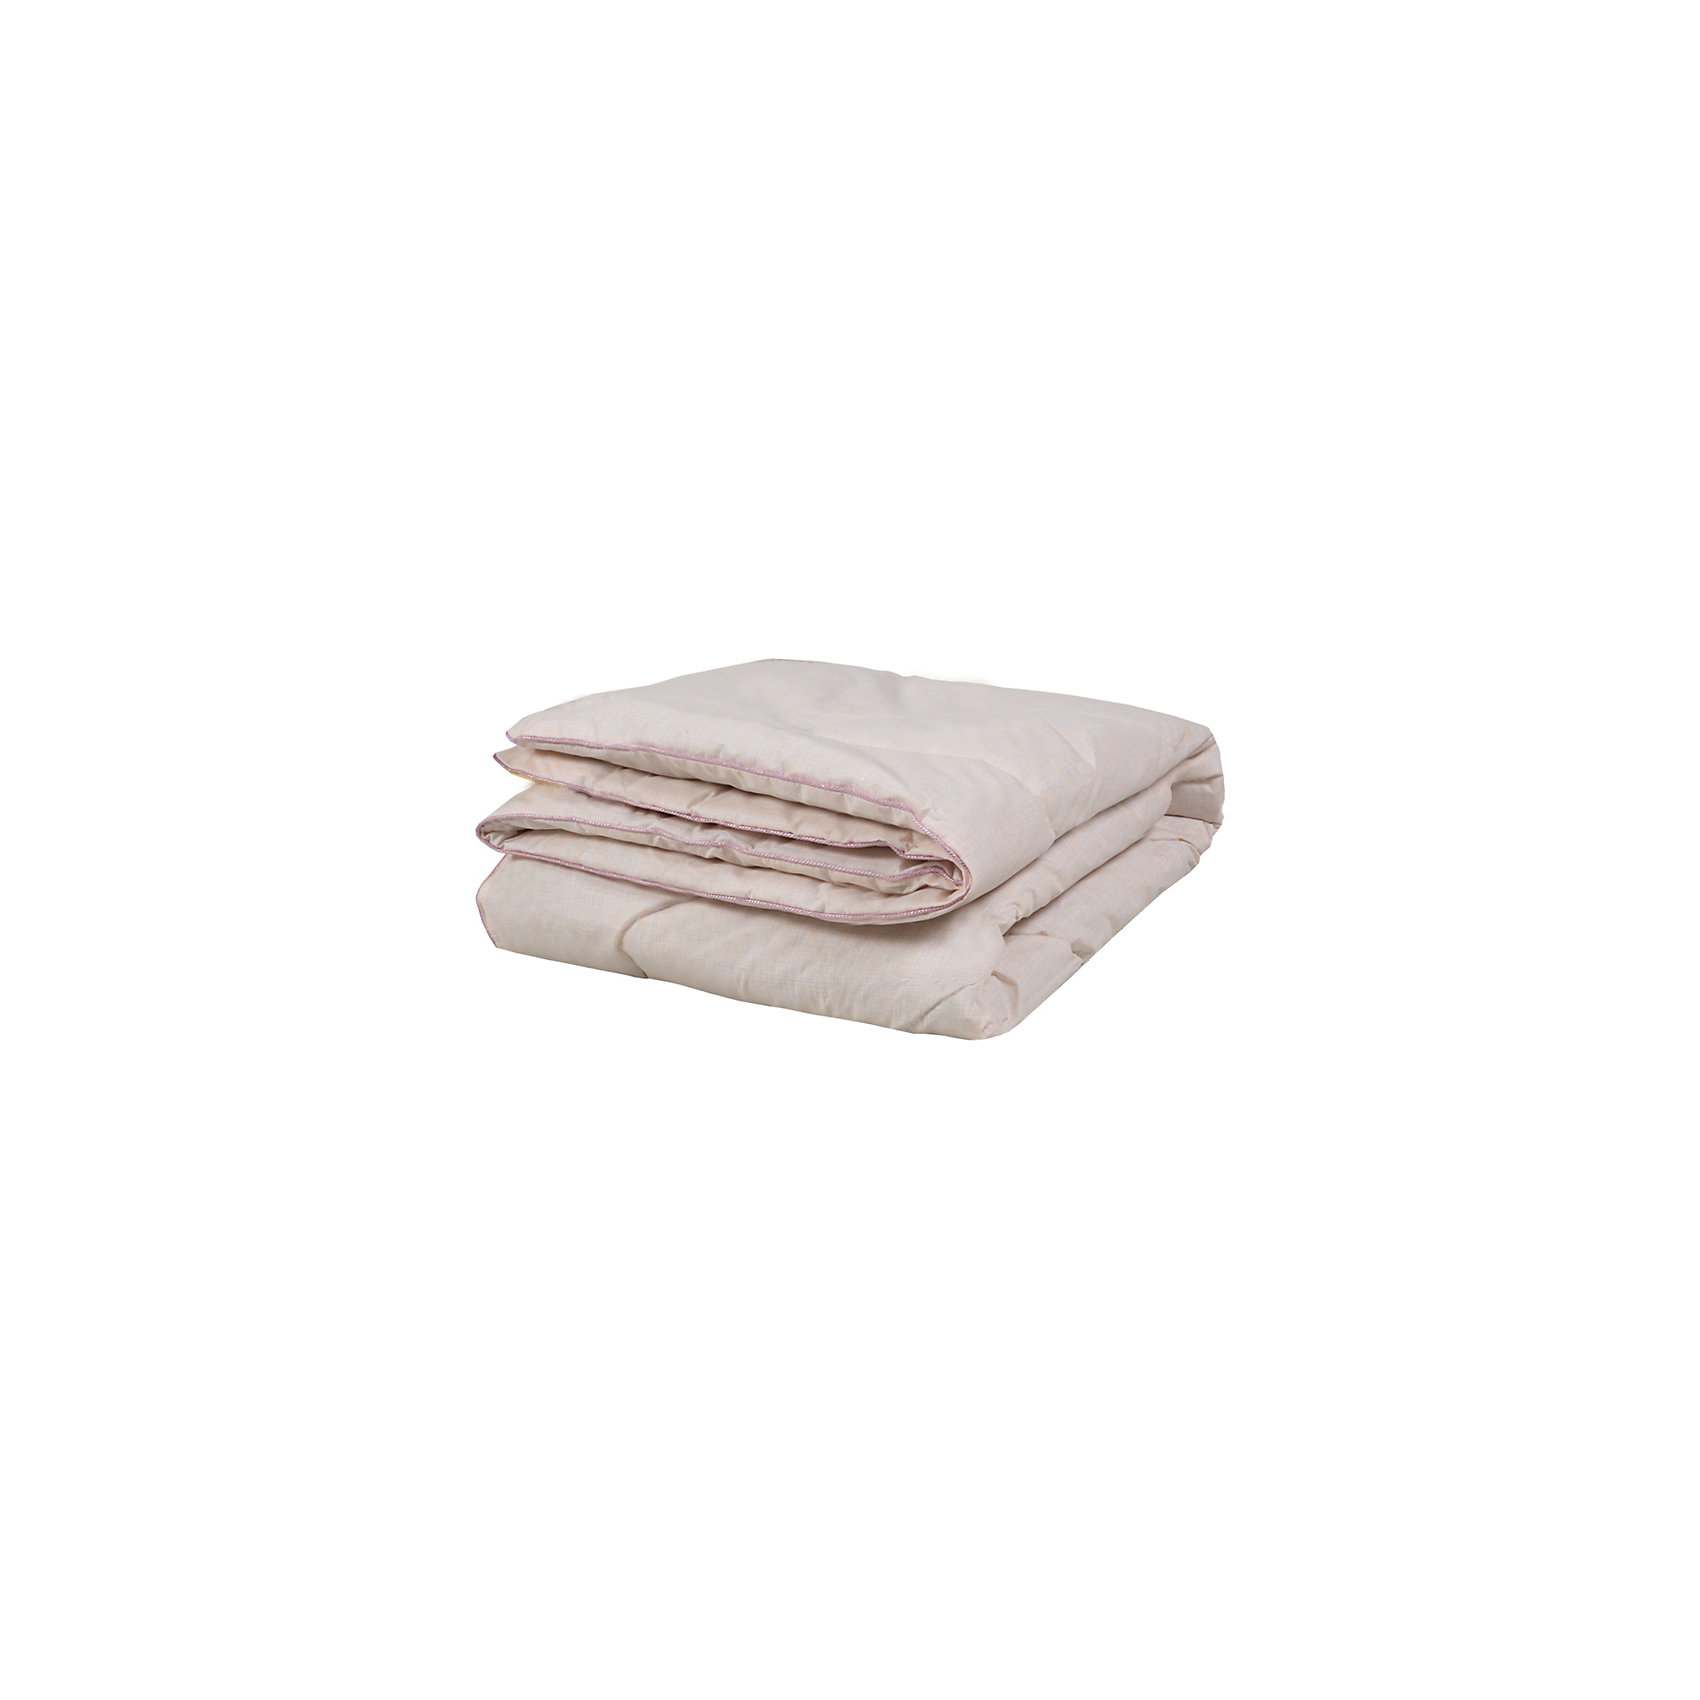 Одеяло 195*215 с льняным волокном, Mona LizaДомашний текстиль<br>Характеристики:<br><br>• размер одеяла: 195х215 см<br>• материал верха: 100% полиэстер<br>• наполнитель: 30% лён, 70% полиэстер<br>• размер упаковки: 47х25х47 см<br>• вес: 1900 грамм<br><br>Одеяло с льняным волокном от Mona Liza - высококачественное изделие, которое согреет вас и подарит ощущение уюта и комфорта во время сна. Одеяло обеспечивает правильную терморегуляцию, а также обладает такими важными свойствами как гигроскопичность, антибактериальность, износостойкость и гипоаллергенность. Материал одеяла приятен телу, не вызывает аллергических реакций. Наполнитель устойчив к образованию комков.<br><br>Одеяло 195*215 с льняным волокном, Mona Liza (Мона Лиза) вы можете купить в нашем интернет-магазине.<br><br>Ширина мм: 470<br>Глубина мм: 250<br>Высота мм: 470<br>Вес г: 1900<br>Возраст от месяцев: 84<br>Возраст до месяцев: 600<br>Пол: Унисекс<br>Возраст: Детский<br>SKU: 6765303